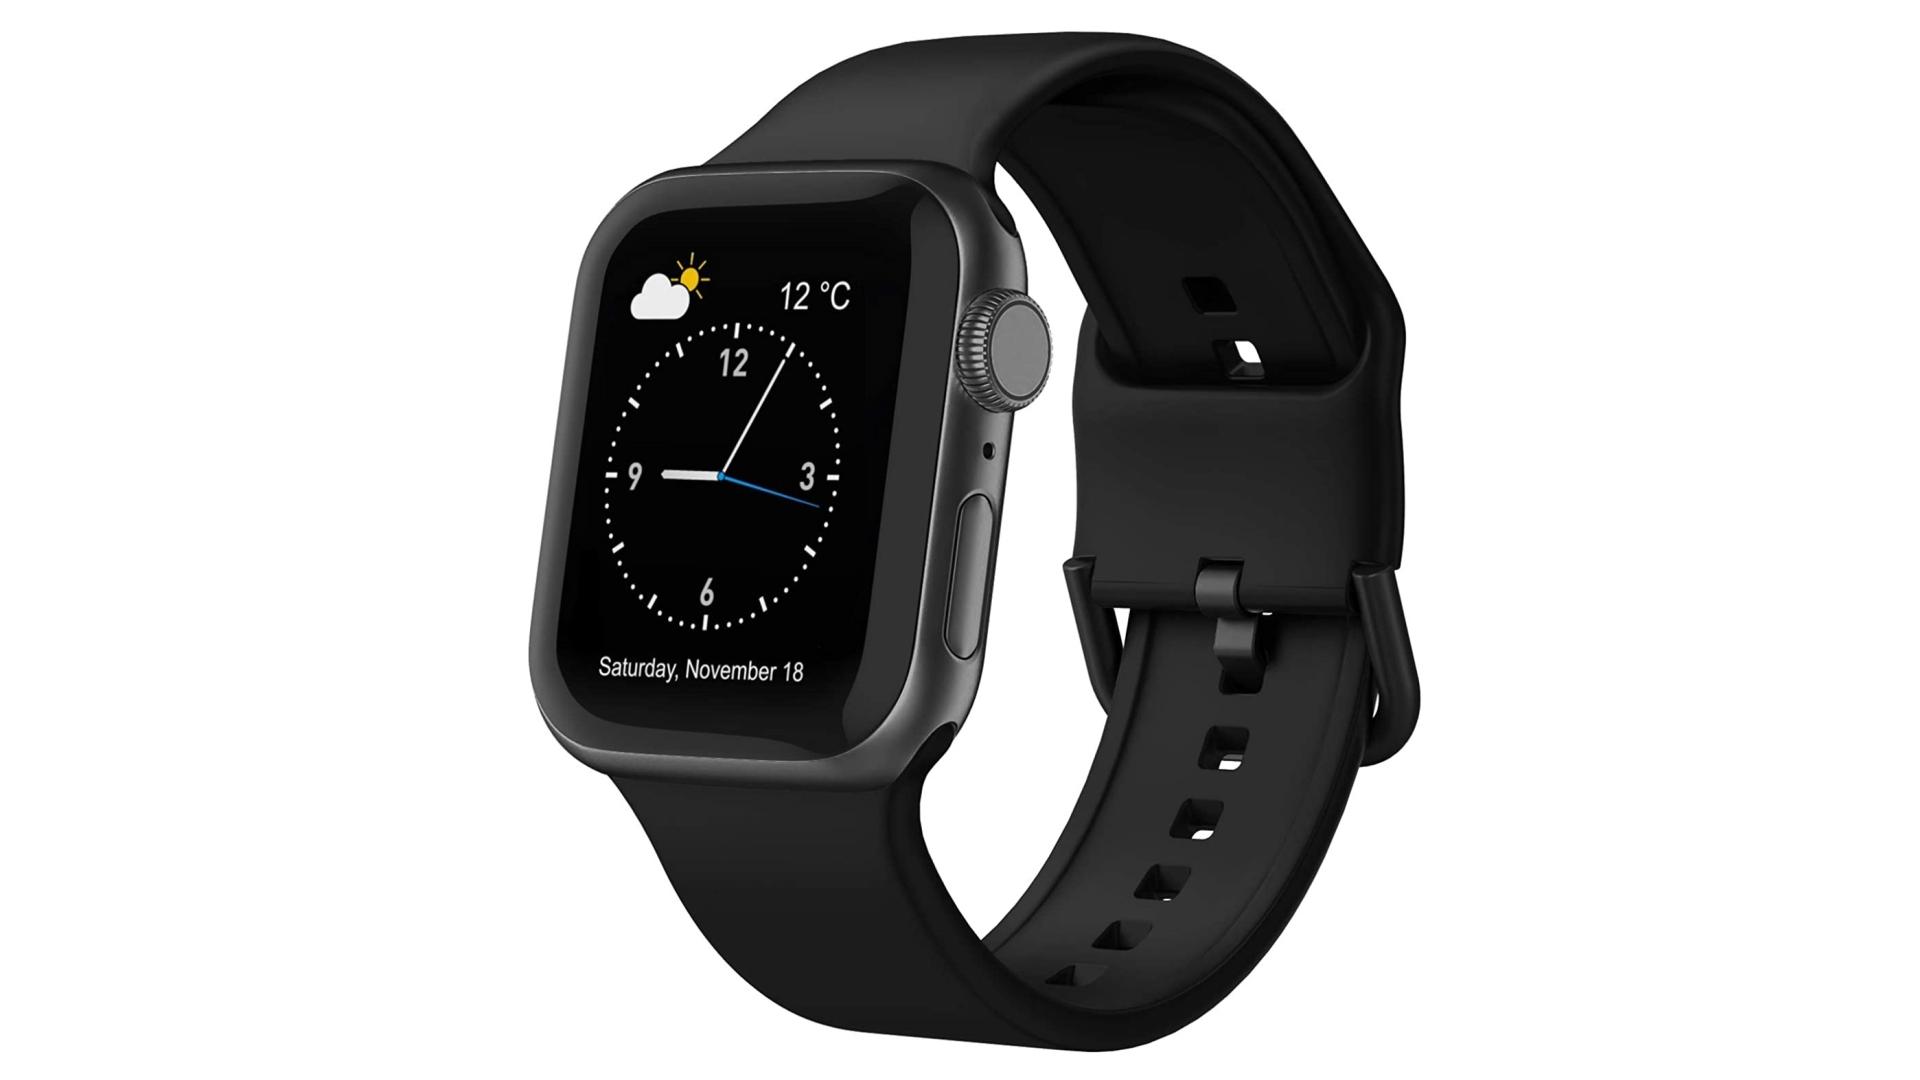 dây đeo đồng hồ quả táo bằng silicon mềm adepoy